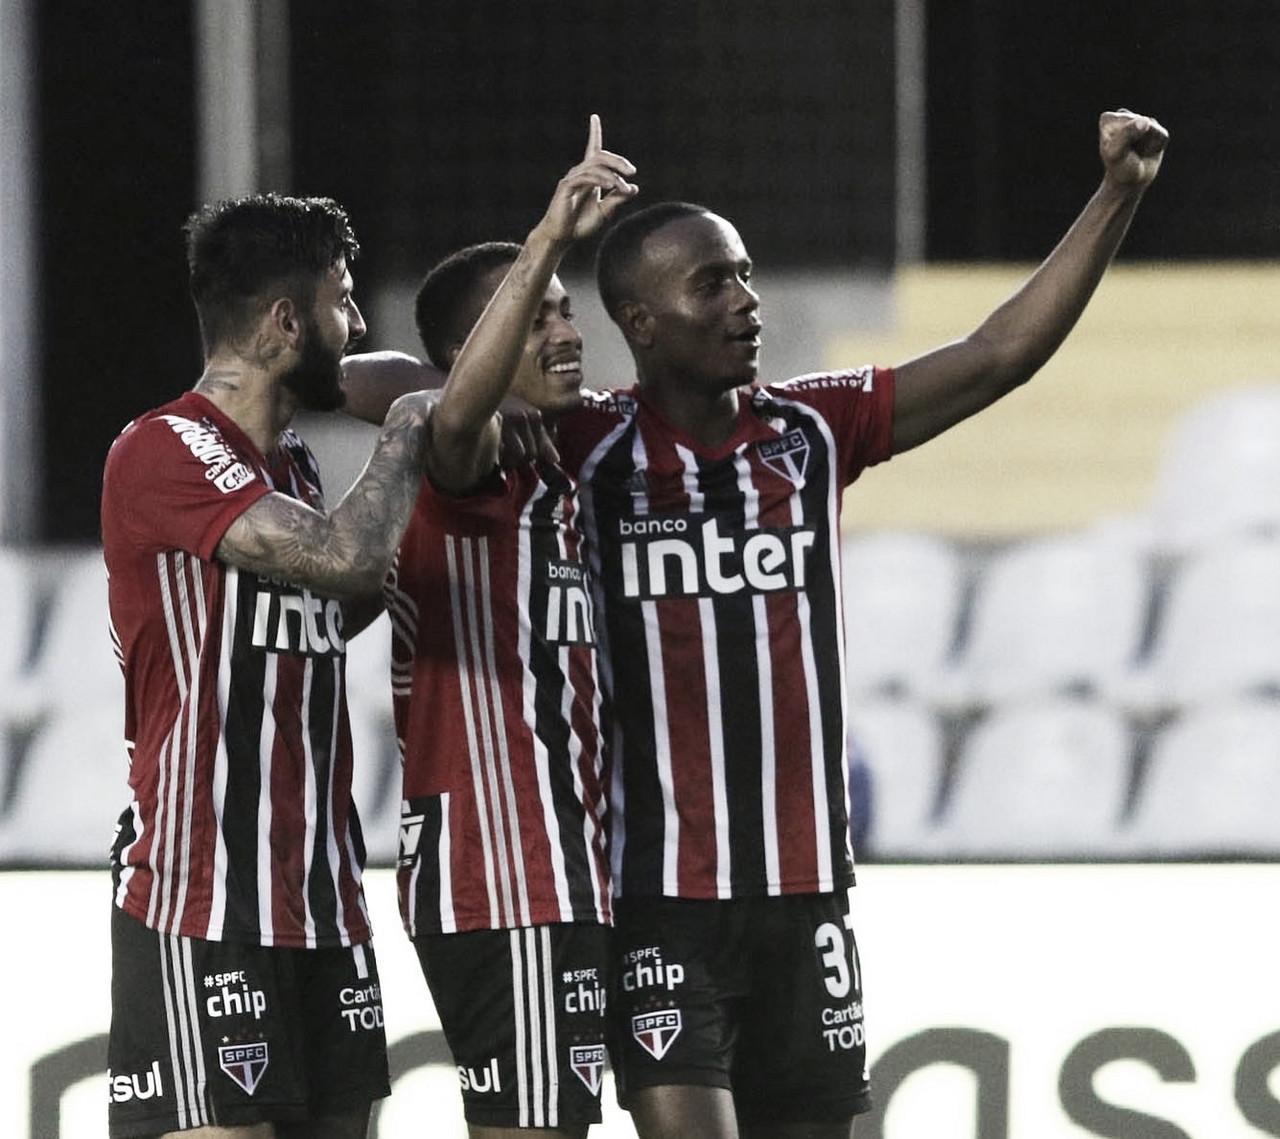 """Diniz elogia postura do São Paulo e alfineta RB Bragantino: """"Não sei se cumpriram protocolo"""""""